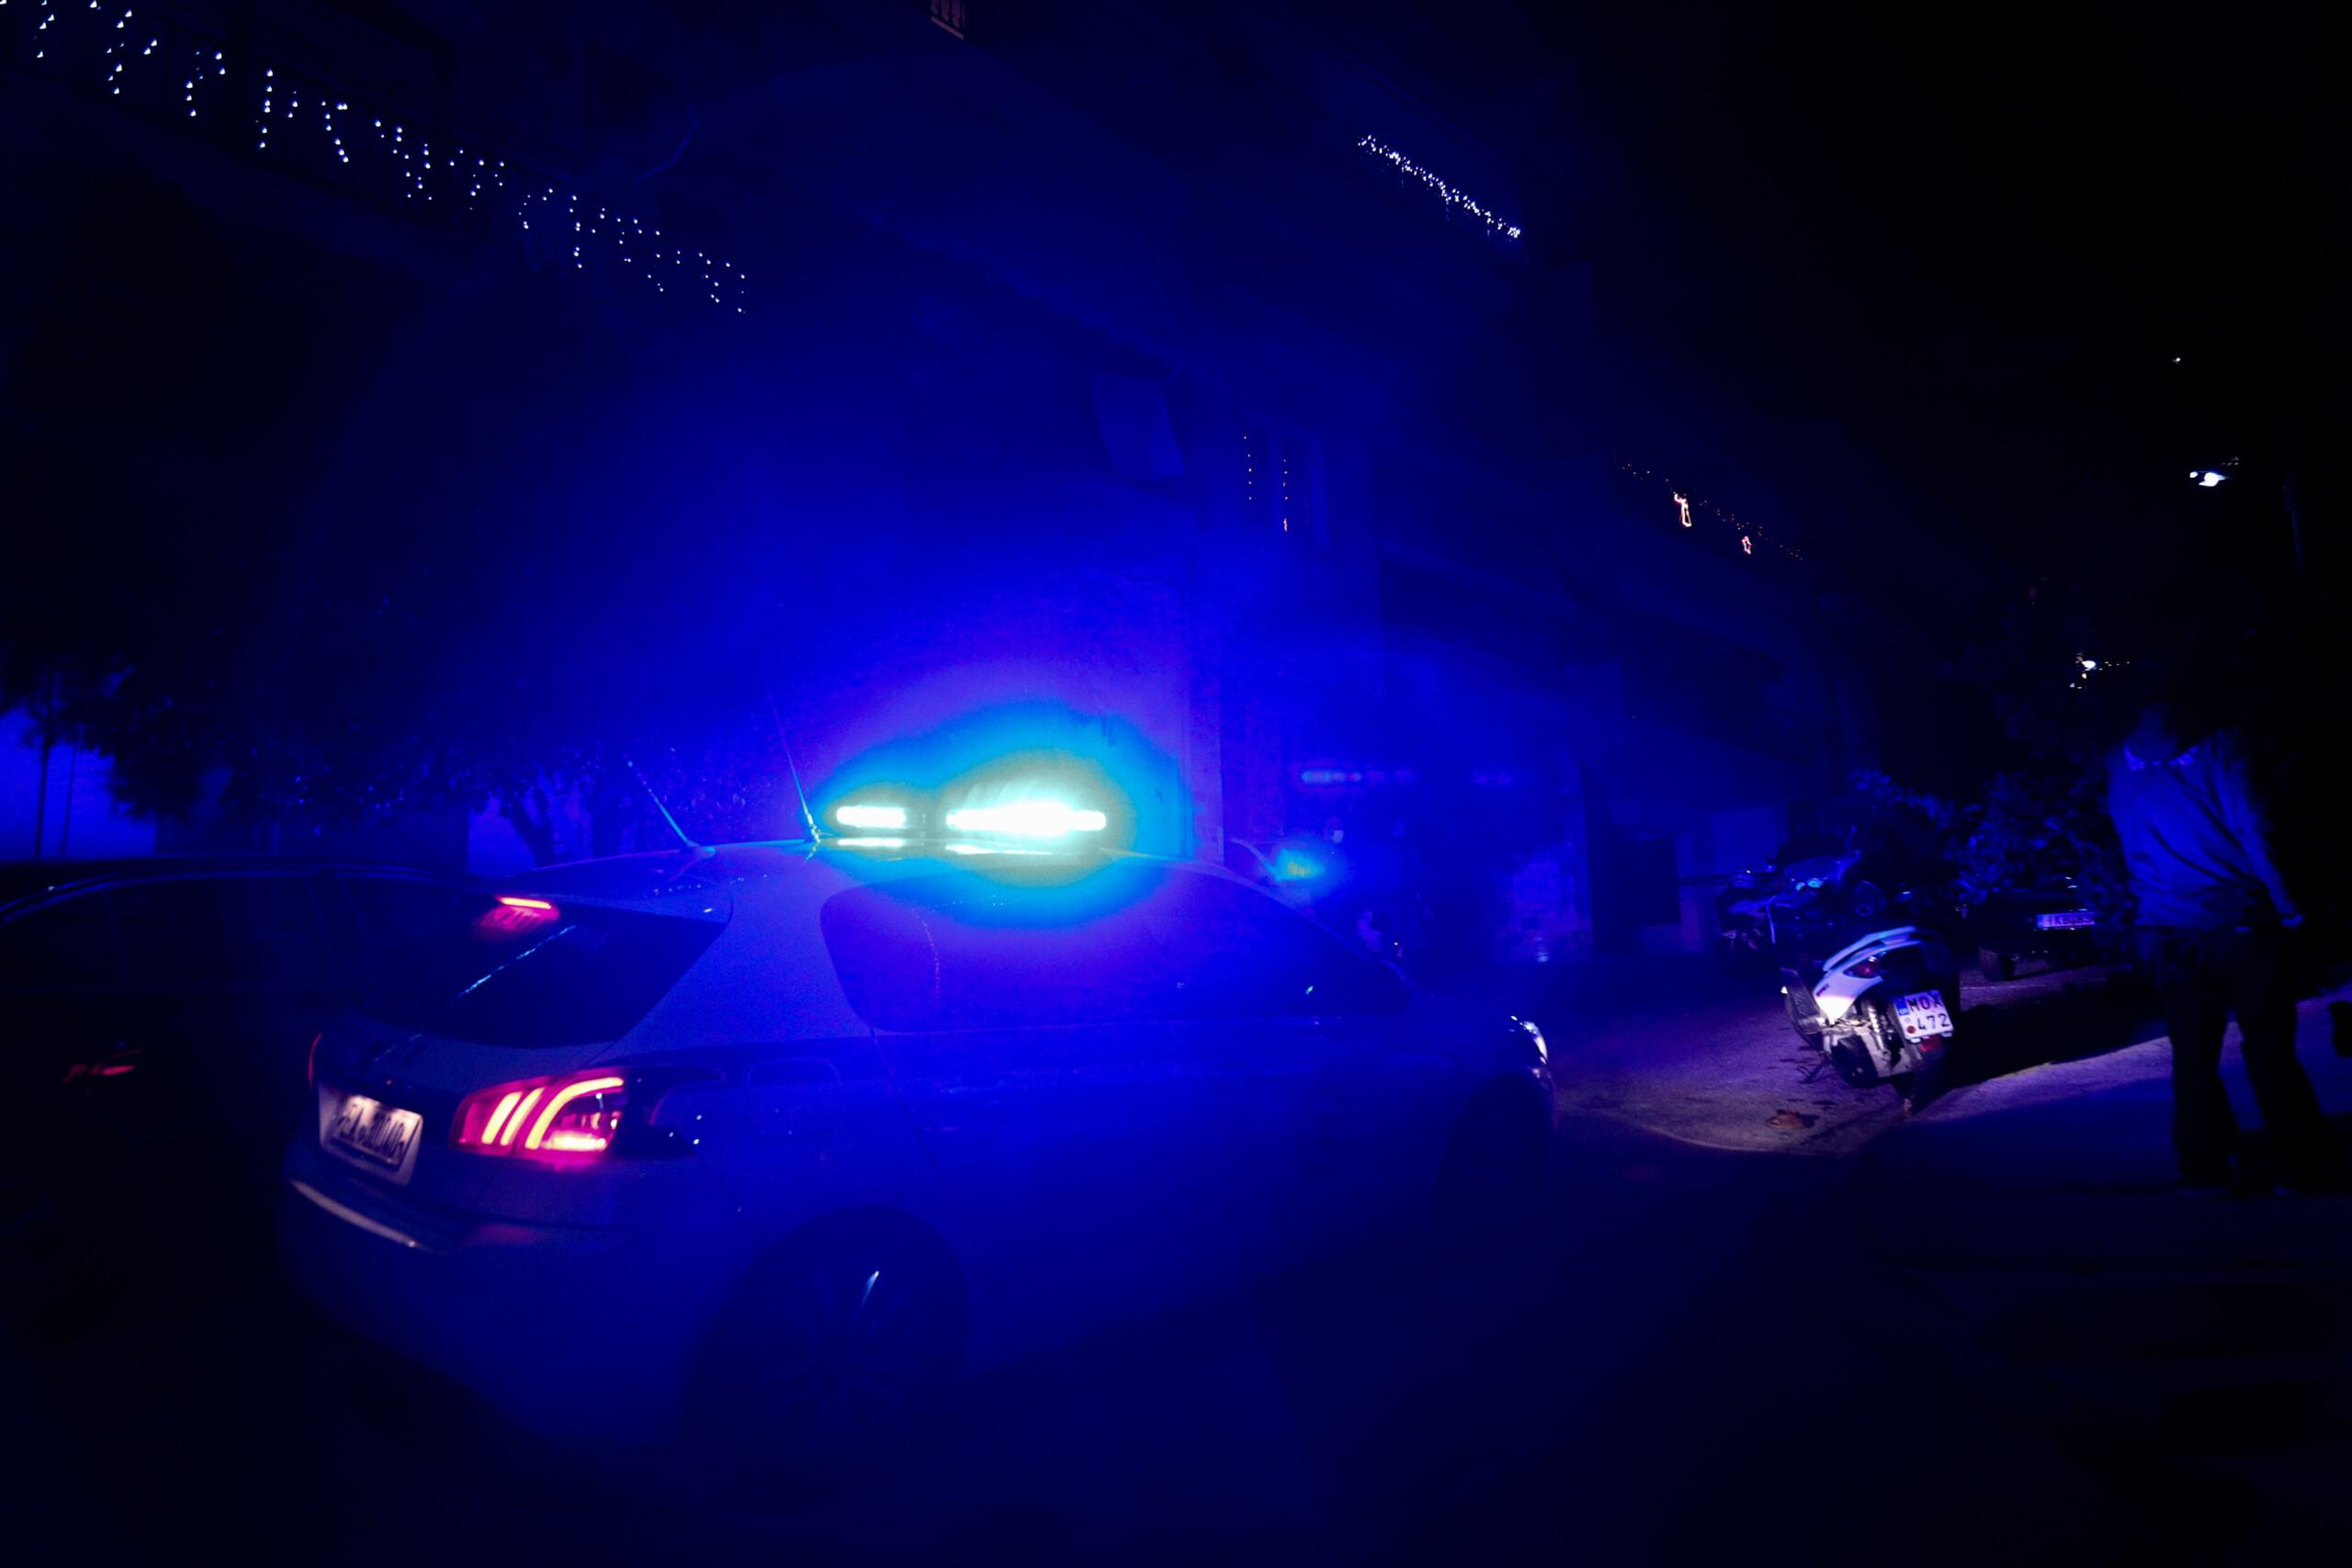 Πανικός στην Αγία Παρασκευή: Βγήκαν όπλα στην Ανάσταση – Δύο συλλήψεις – ΦΩΤΟ